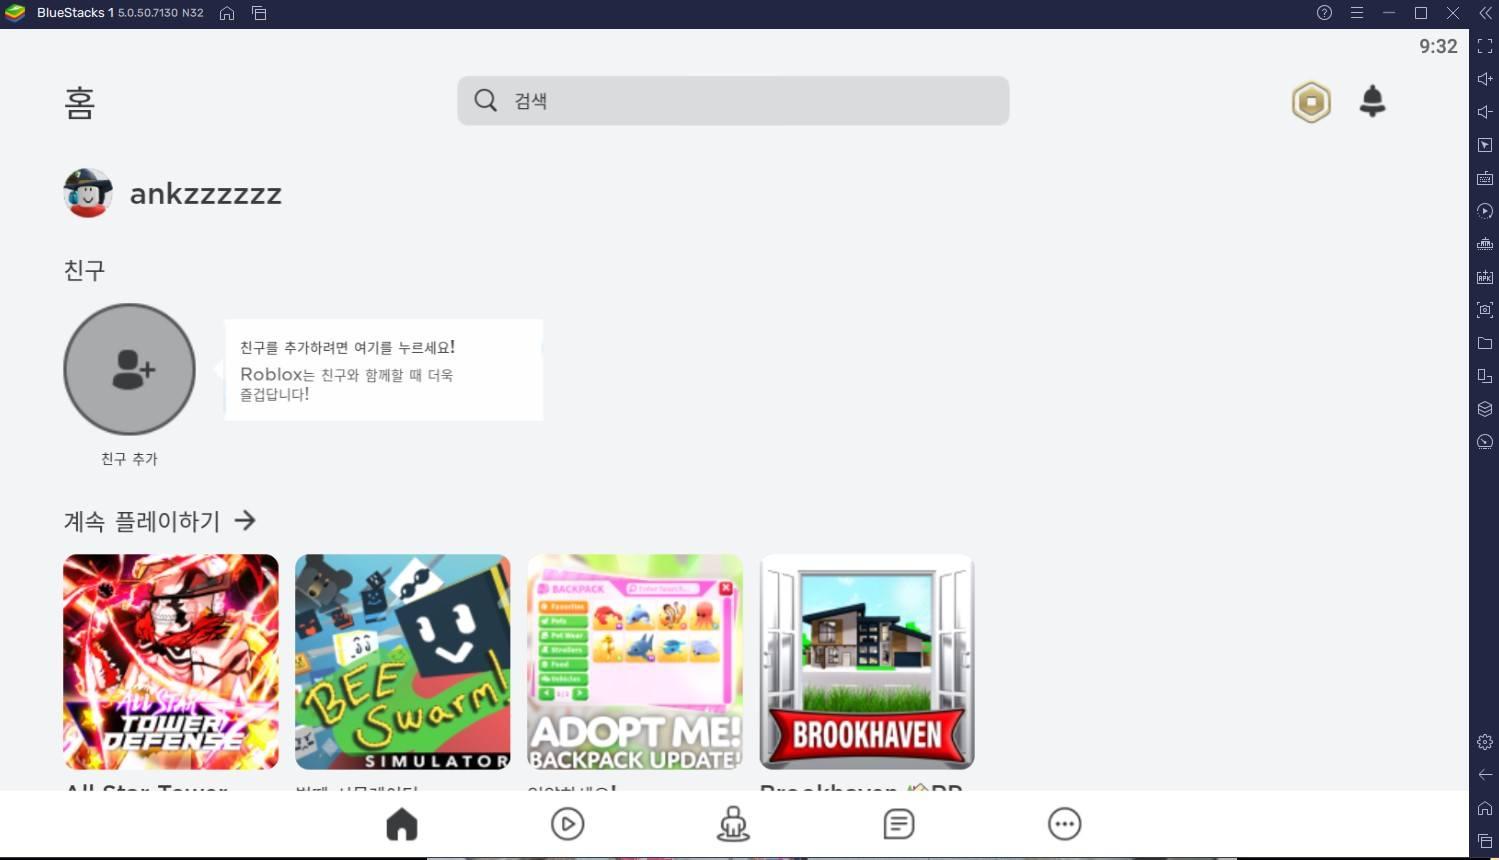 블루스택 앱플레이어로 PC에서 만날 수 있는 로블록스의 4월 인기 게임들을 알아봐요!